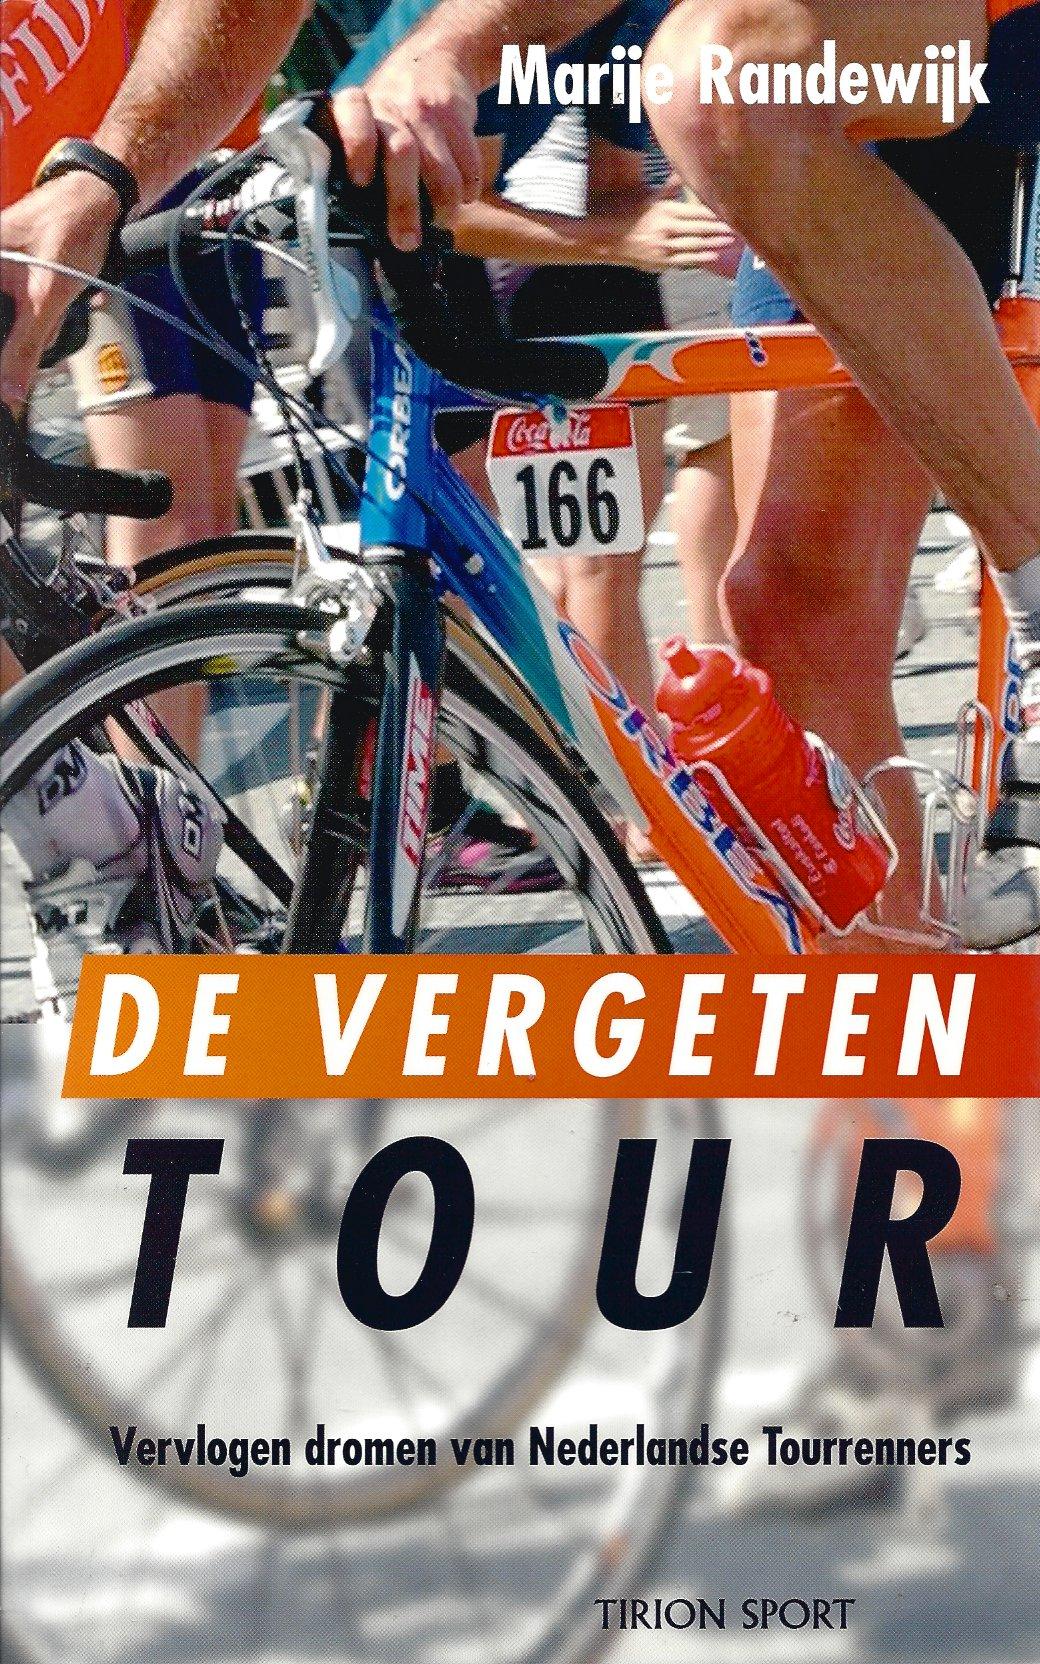 Randewijk, Marije - De Vergeten Tour -Vervlogen dromen van Nederlandse Tourrenners